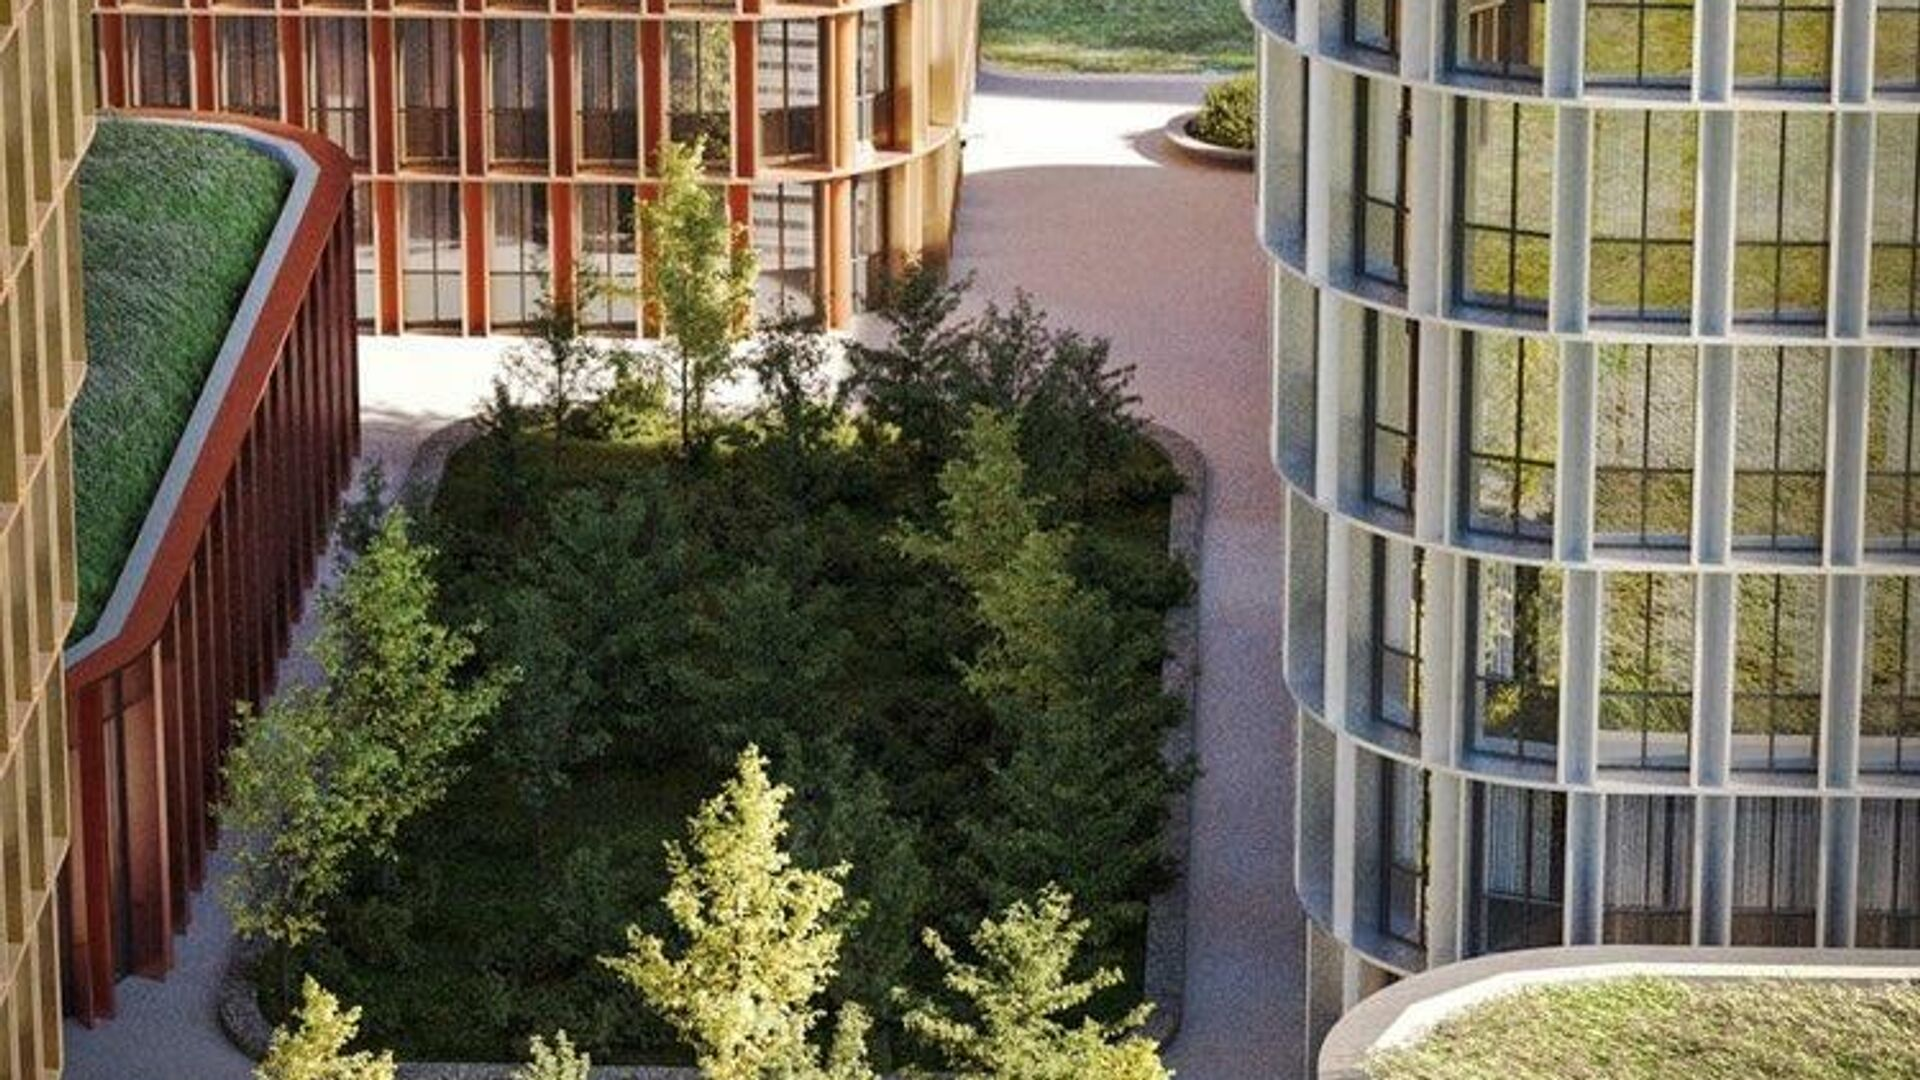 Проект апартаментов на месте киноцентра Соловей на Пресне - РИА Новости, 1920, 22.01.2021